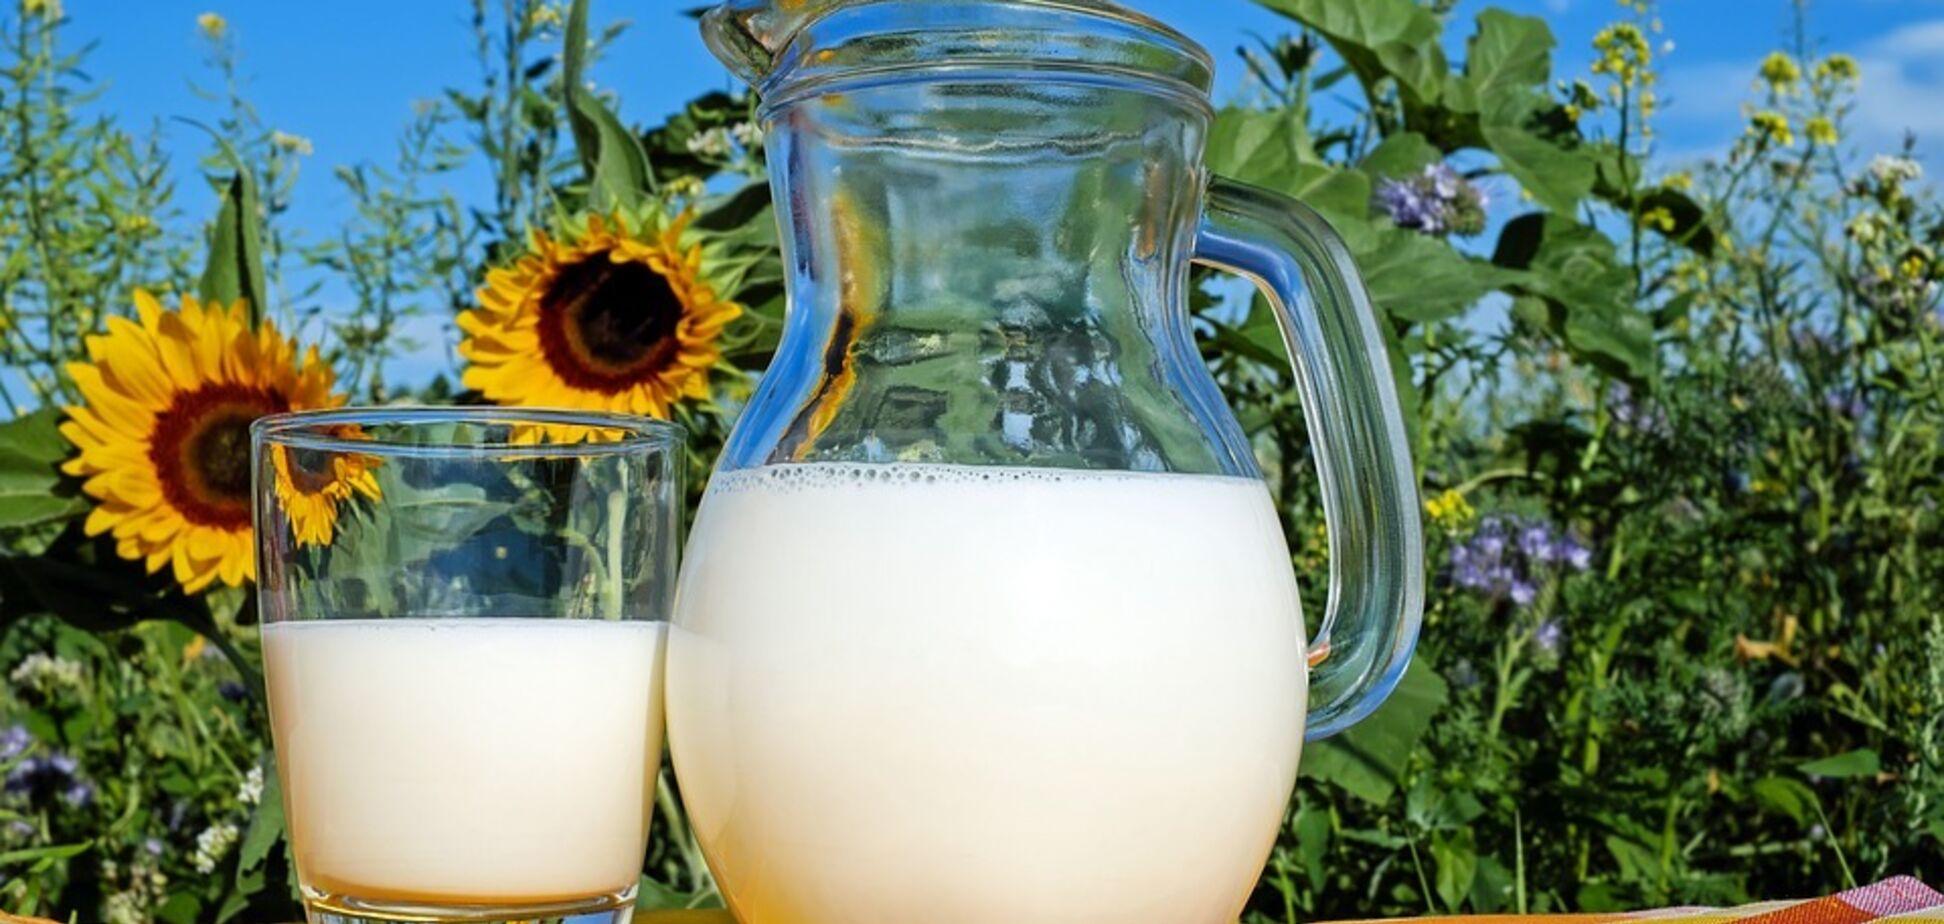 Диетолог объяснила, кому нельзя пить молоко